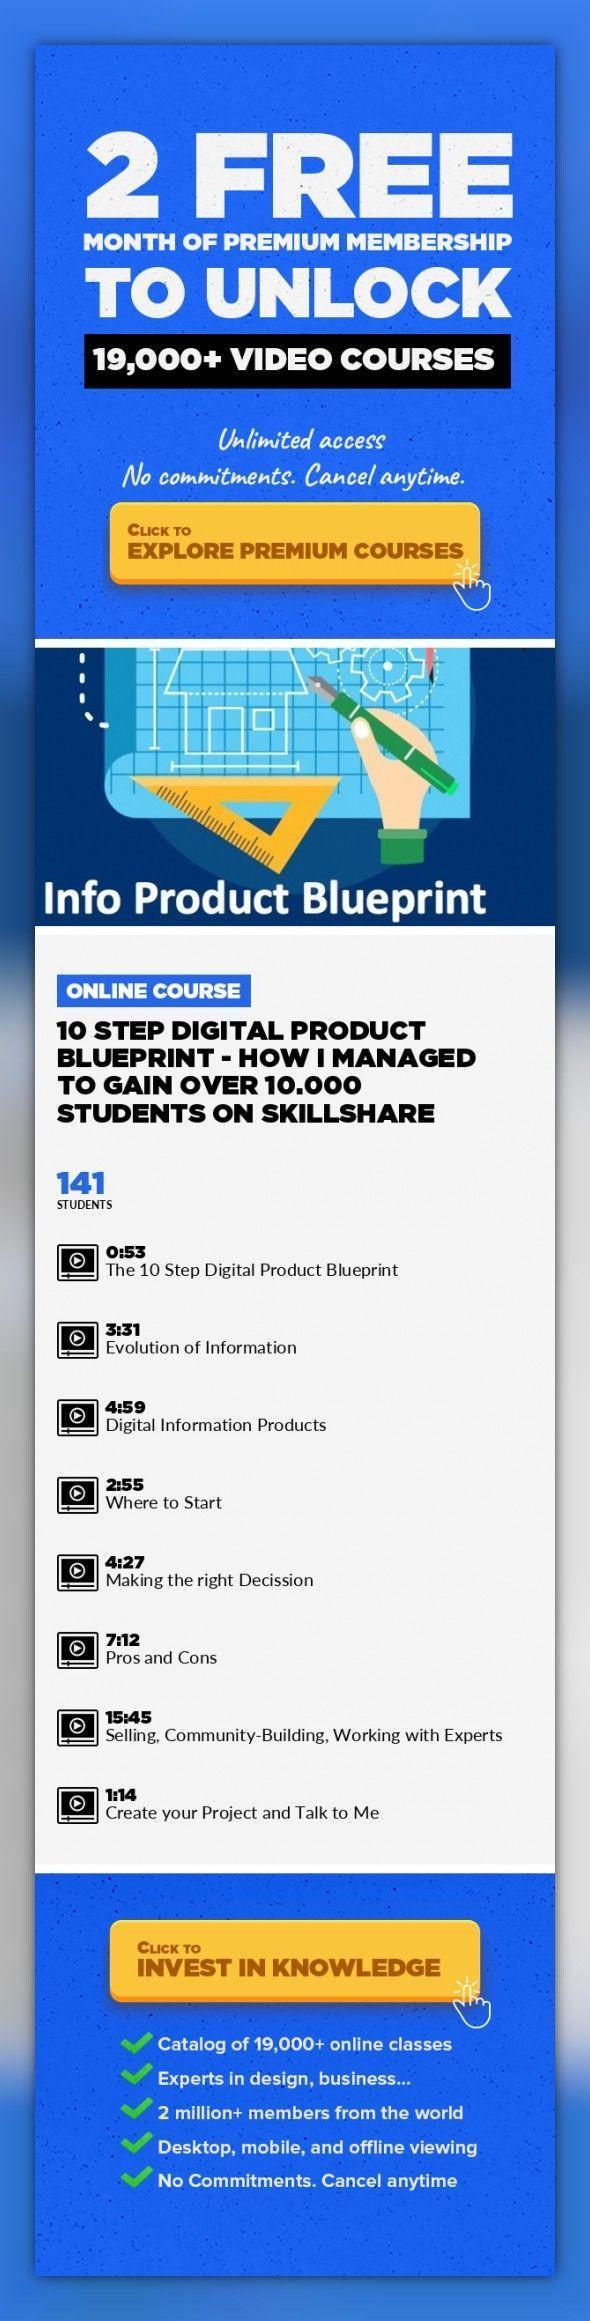 10 step digital product blueprint how i managed to gain over 10 step digital product blueprint how i managed to gain over 10000 students on skillshare marketing lifestyle teaching skillshare social malvernweather Choice Image